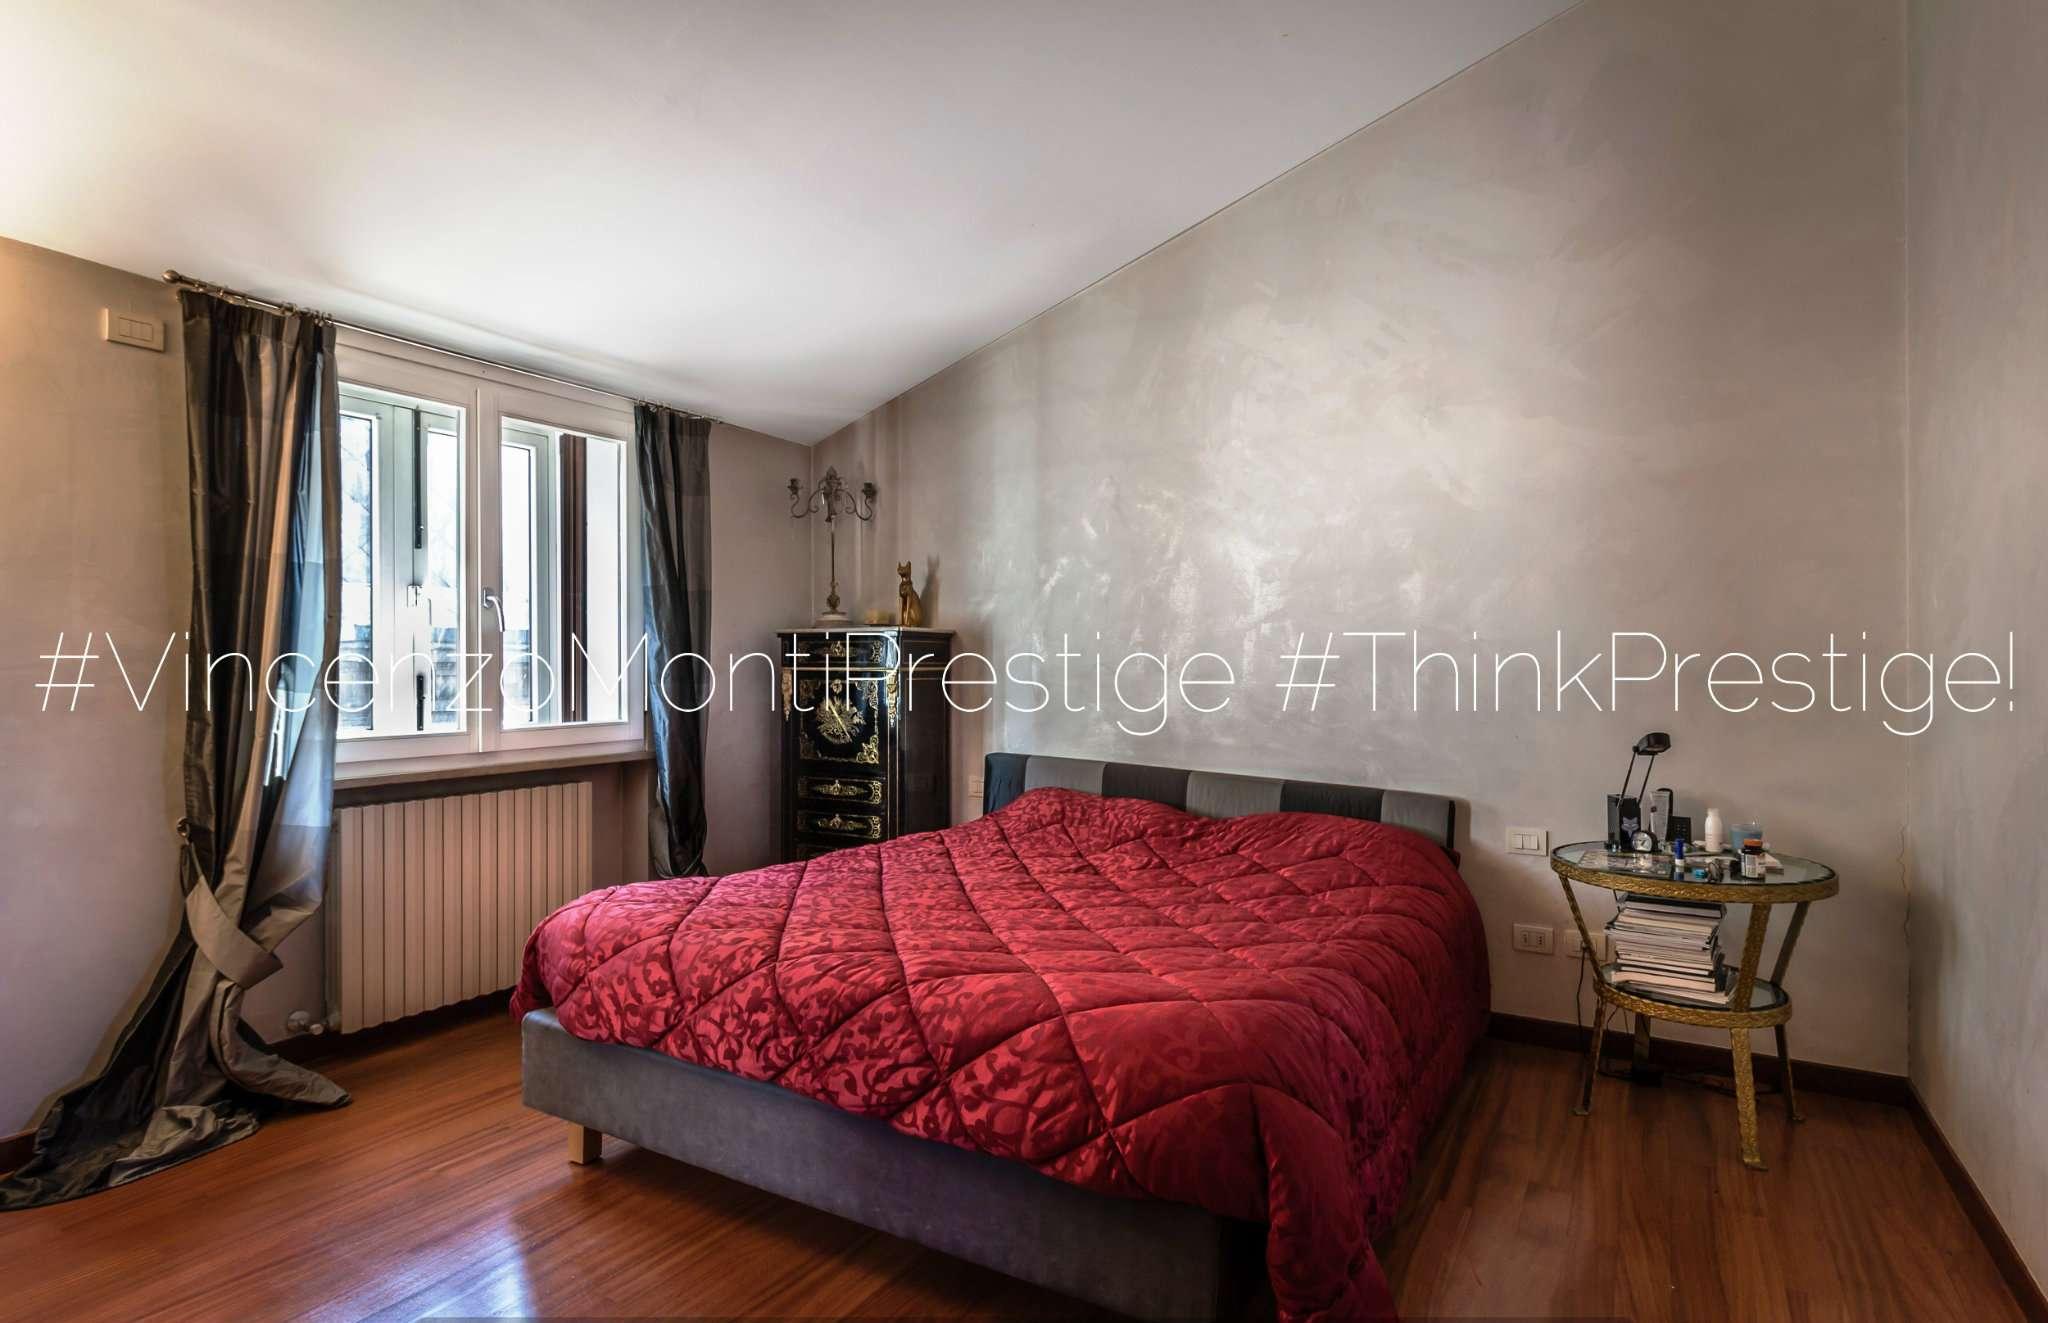 Appartamento in Vendita a Milano: 5 locali, 210 mq - Foto 8